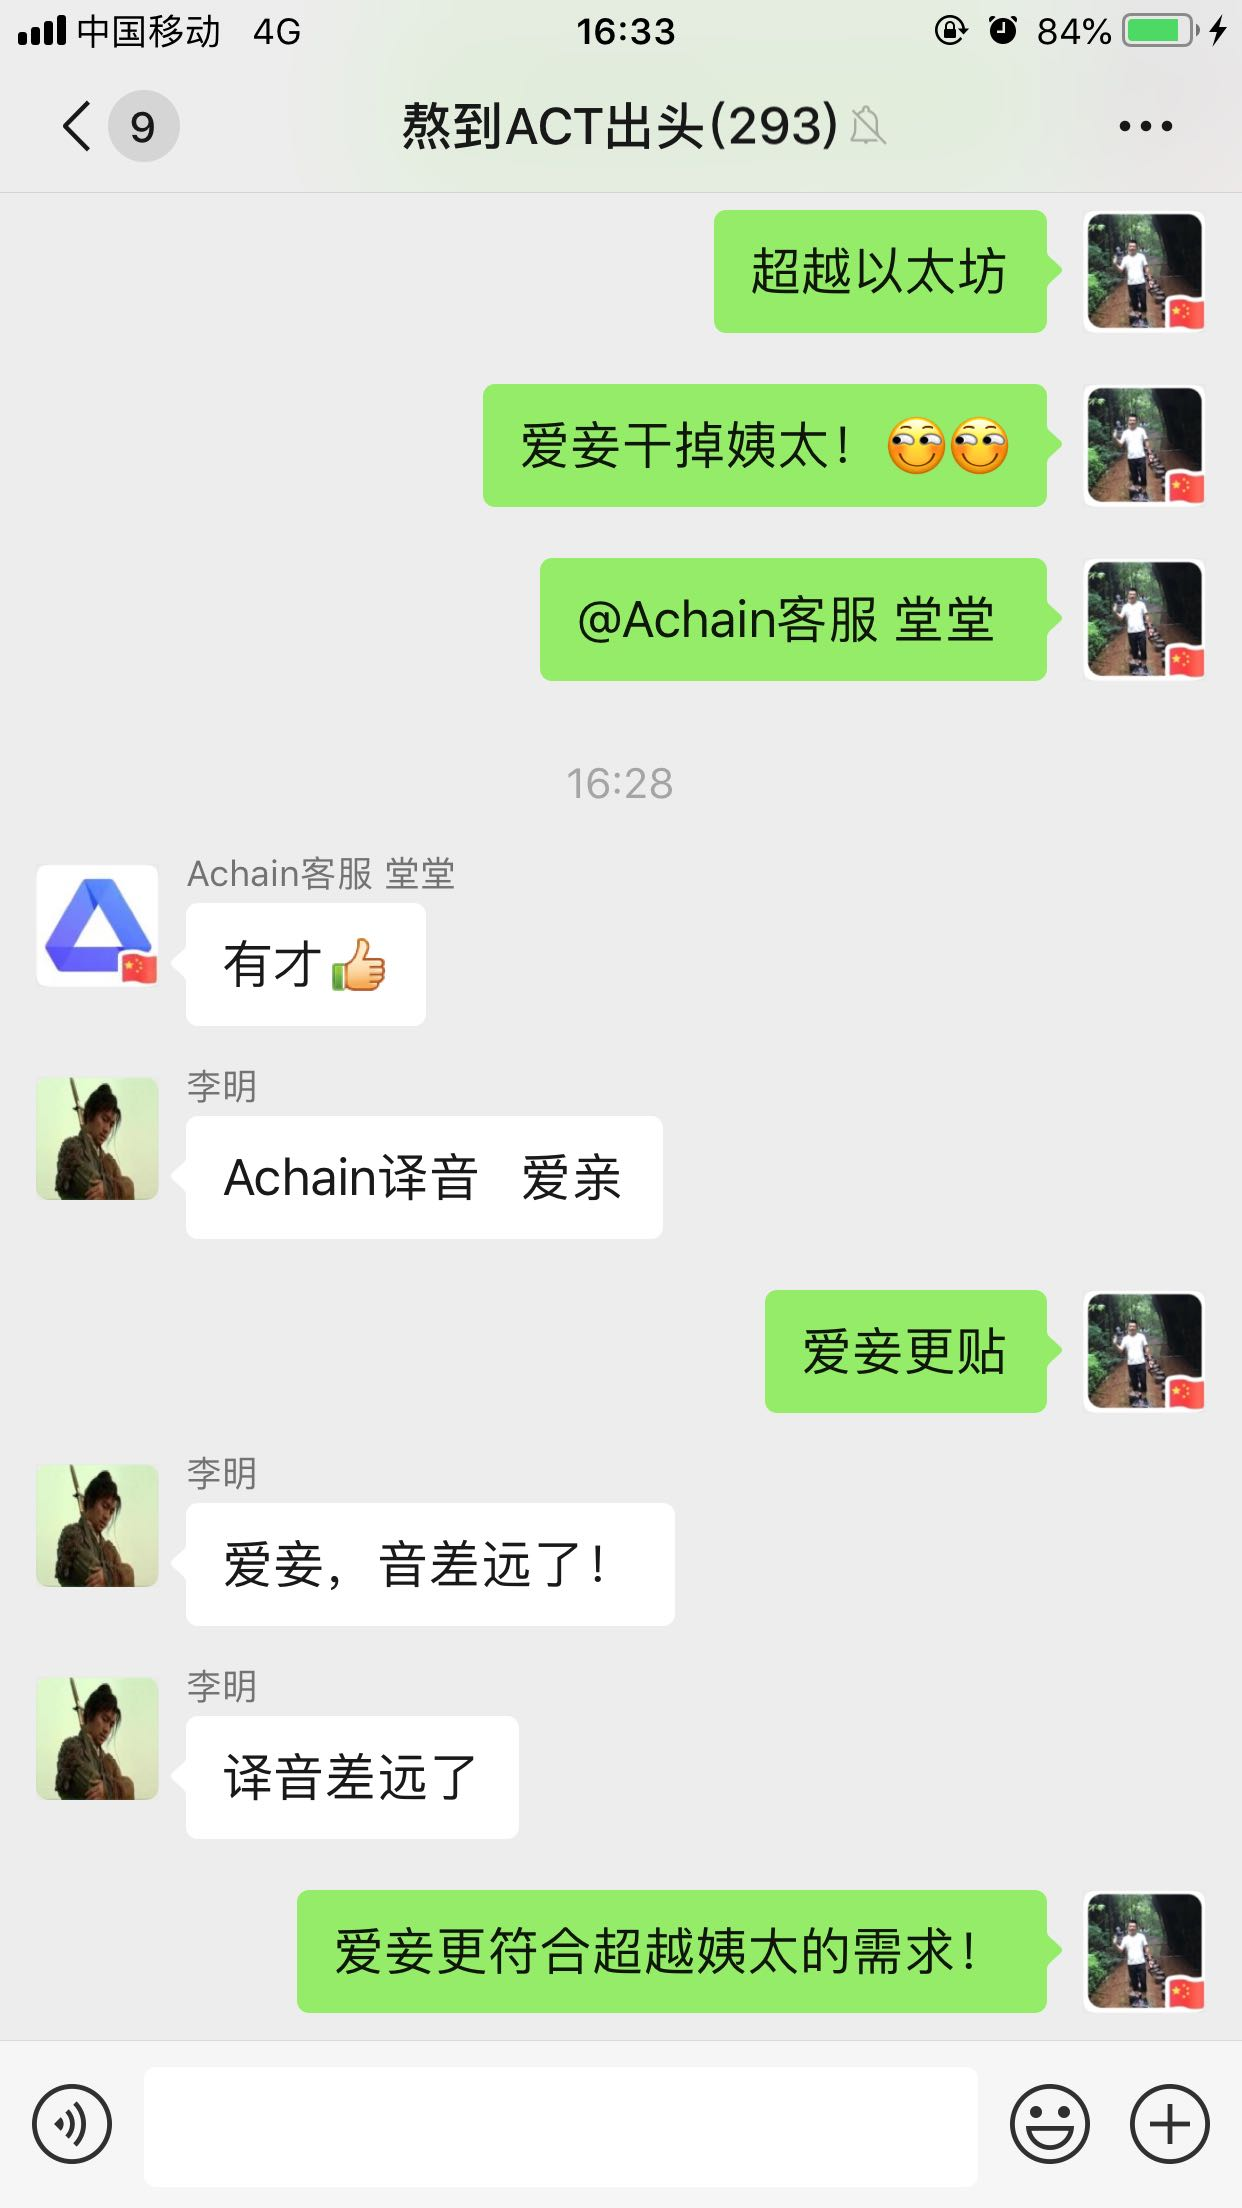 achain有中文名字了:achain音译:爱妾。 ACT崛起!